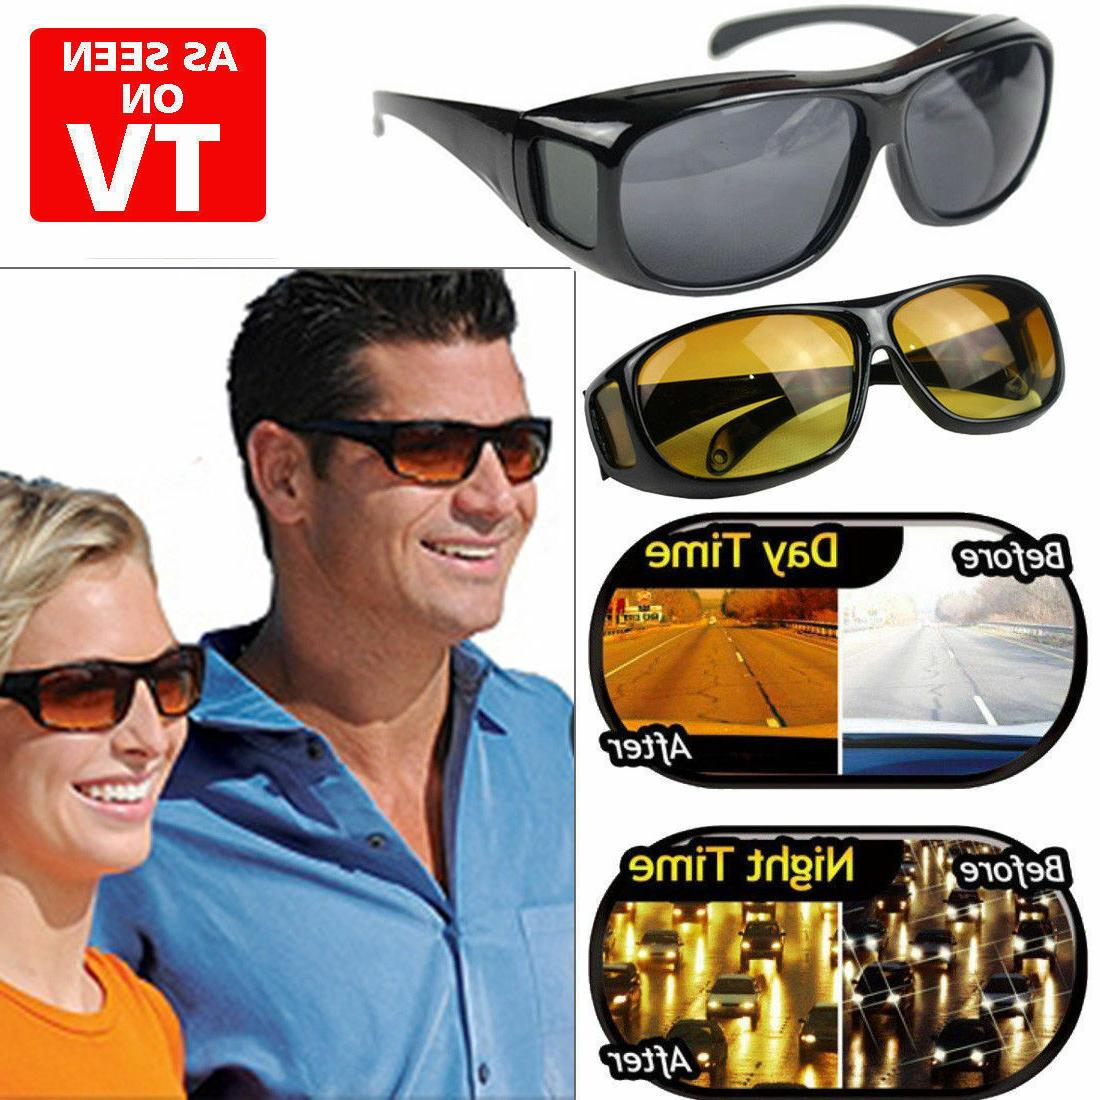 2 pair hd day night vision wraparound